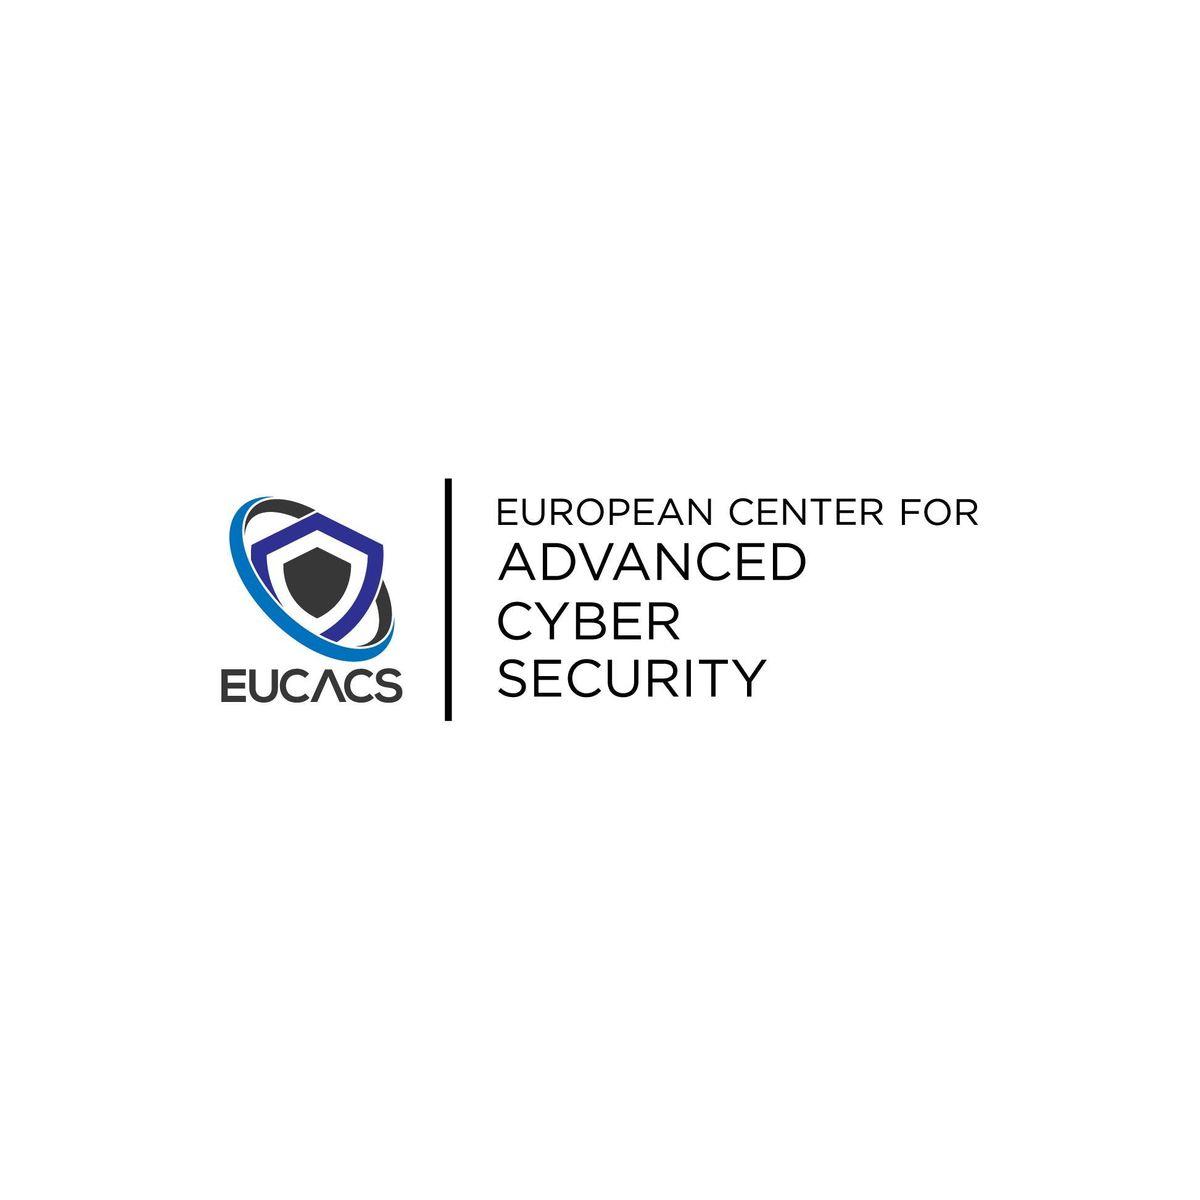 RISK ANALYSIS EXPLAINED analisi e gestione dei rischi alla luce del Regolamento Europeo sulla Privacy